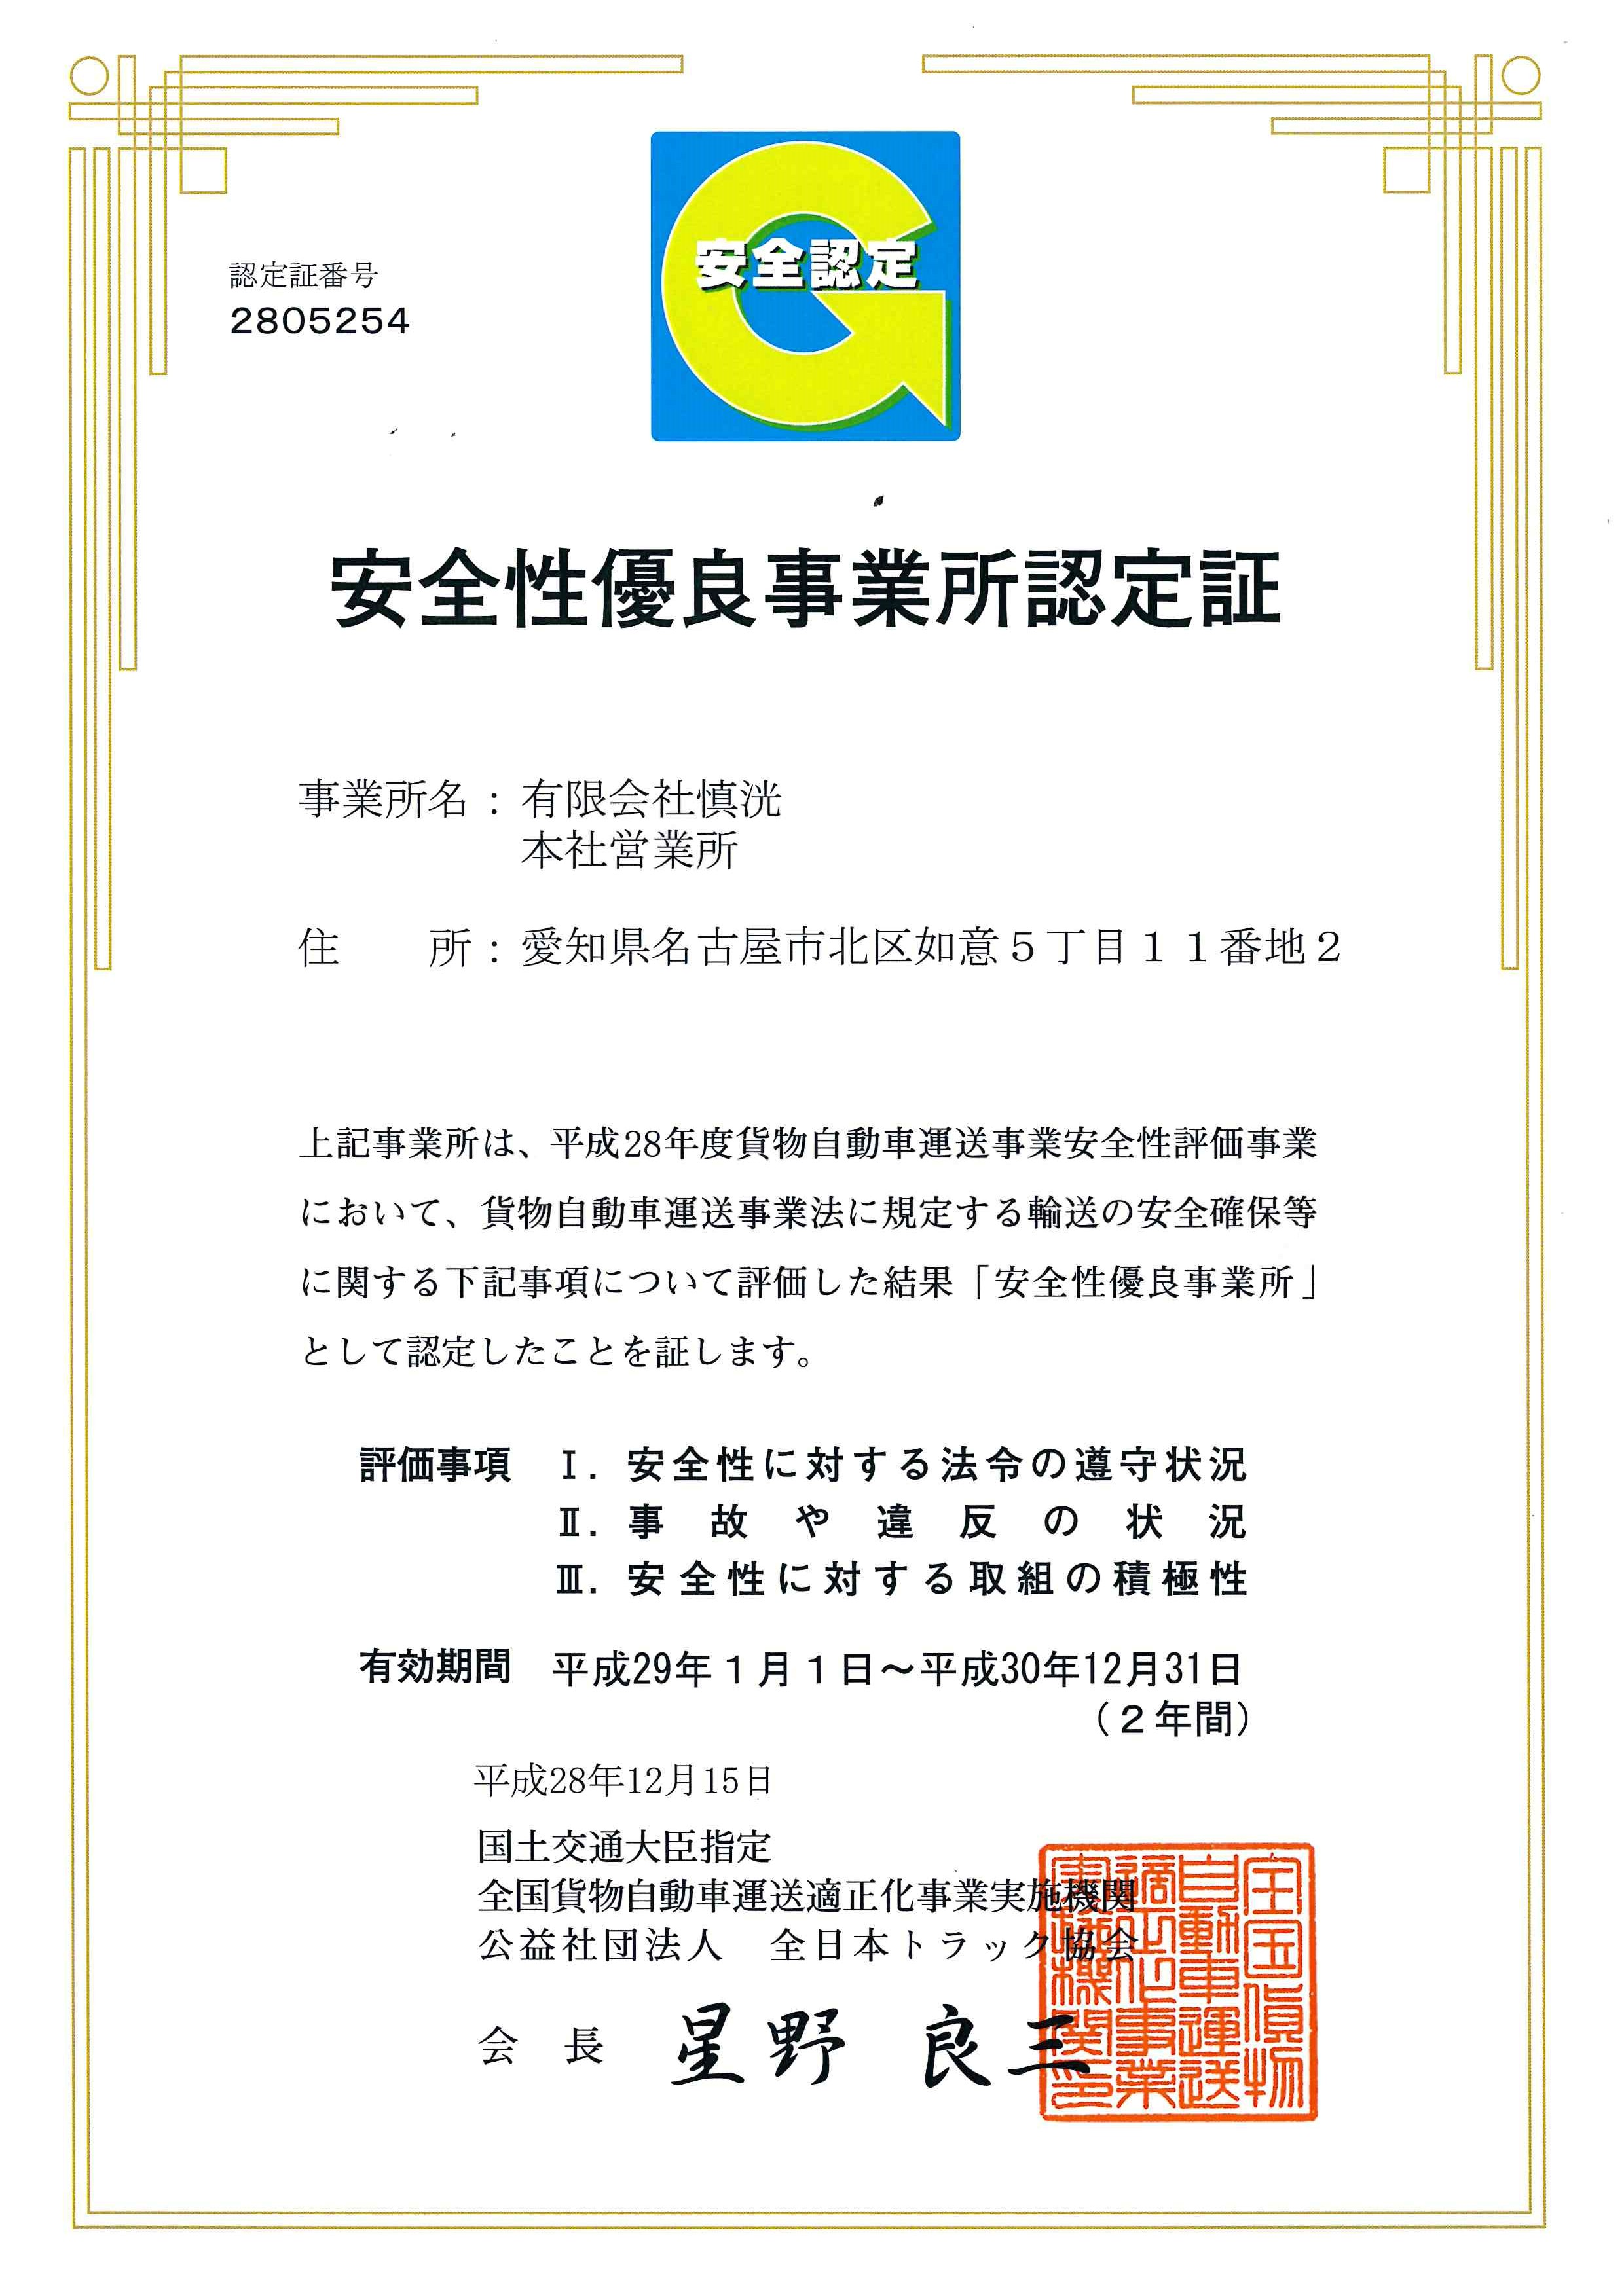 2016年12月15日  Gマーク認定を取得しました